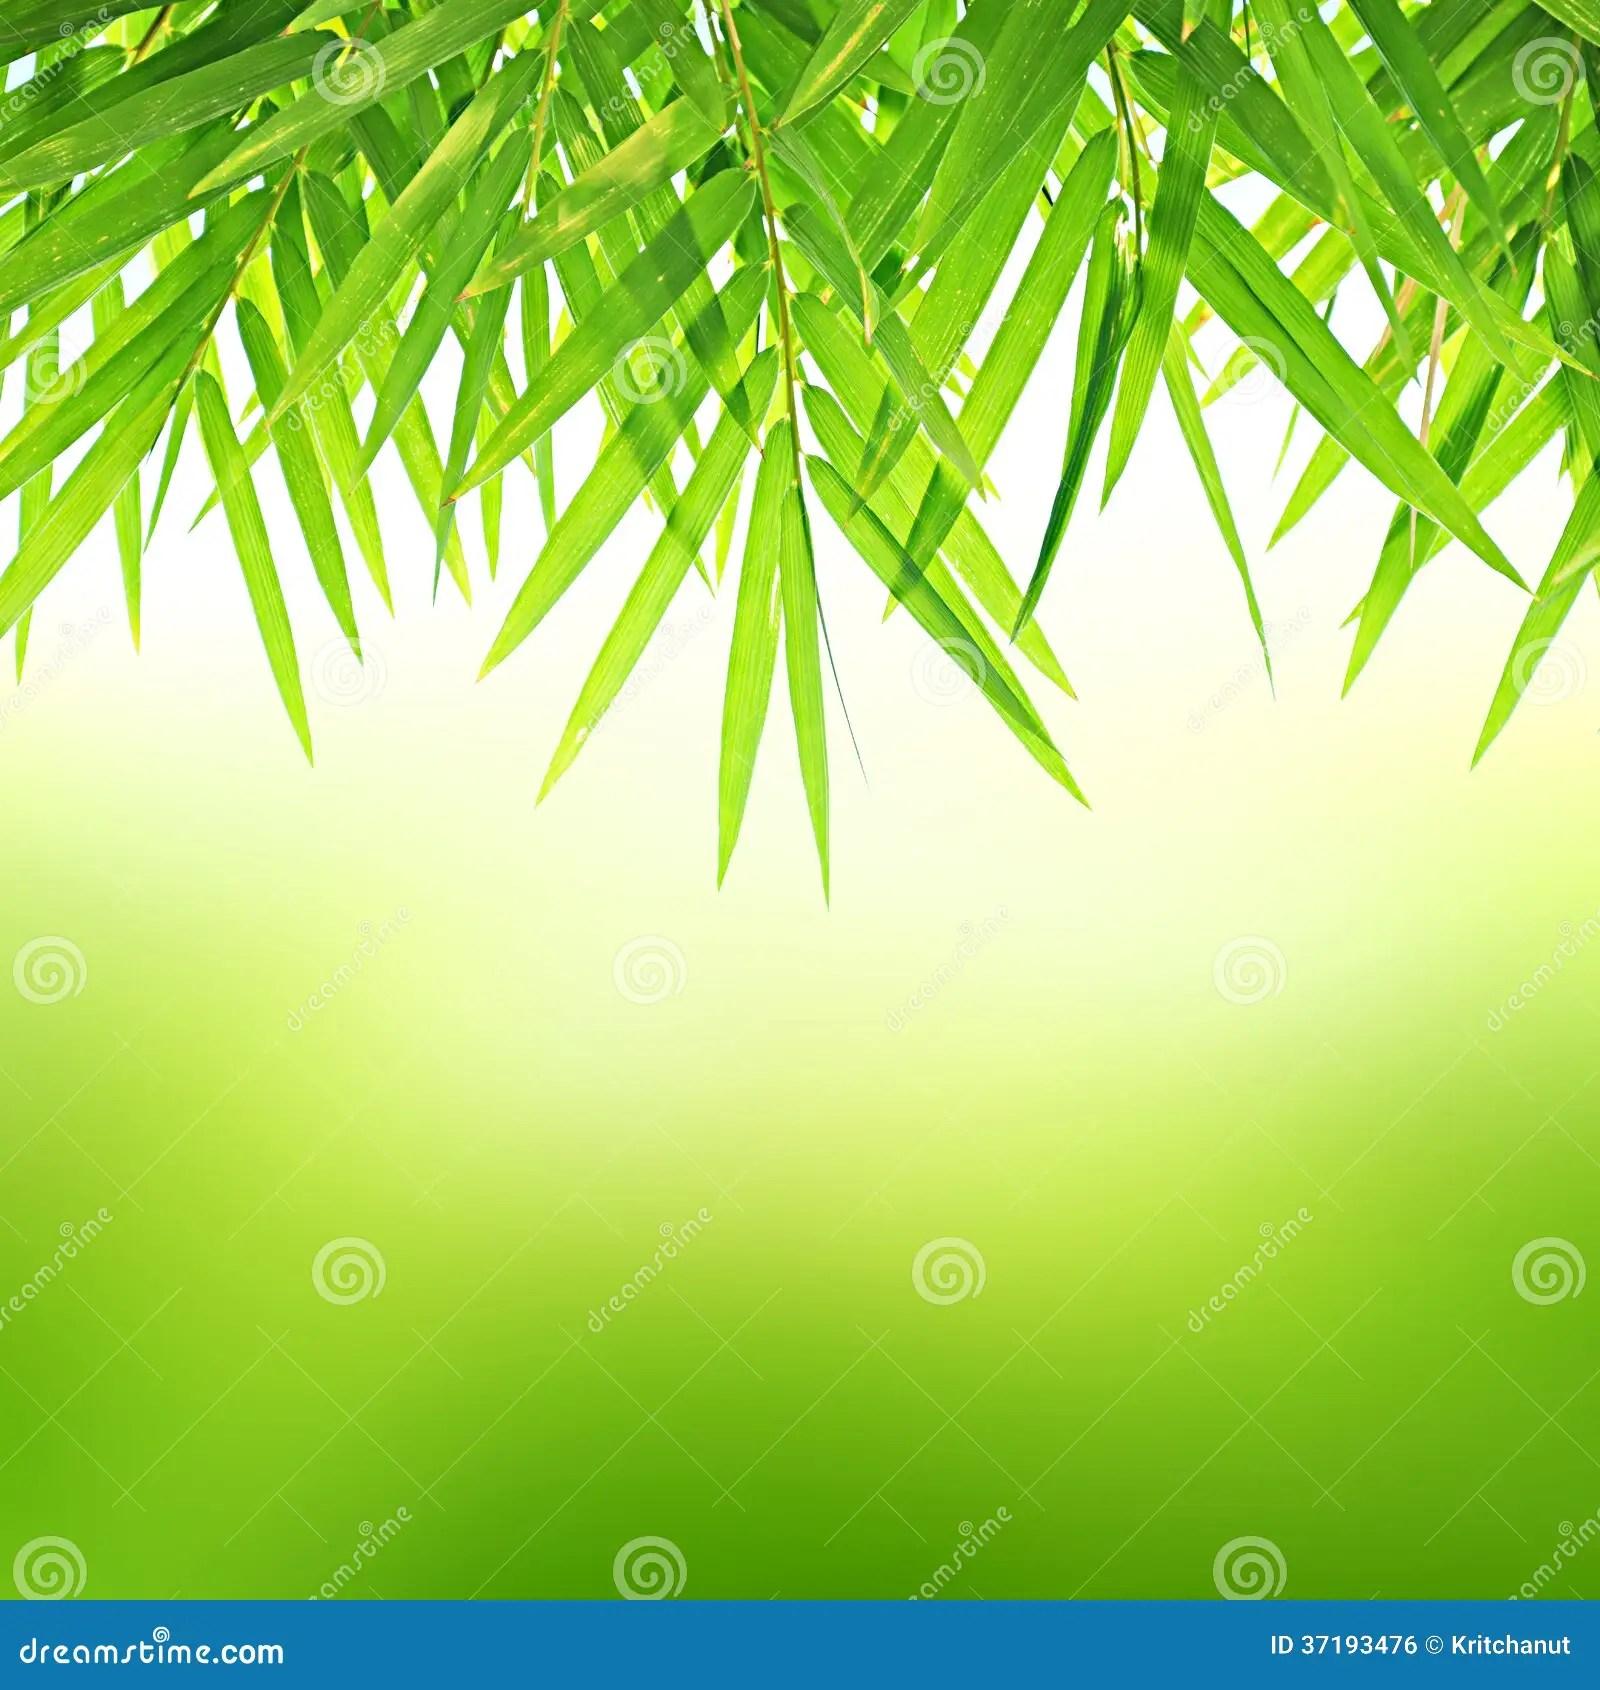 Garden Decoration Bamboo